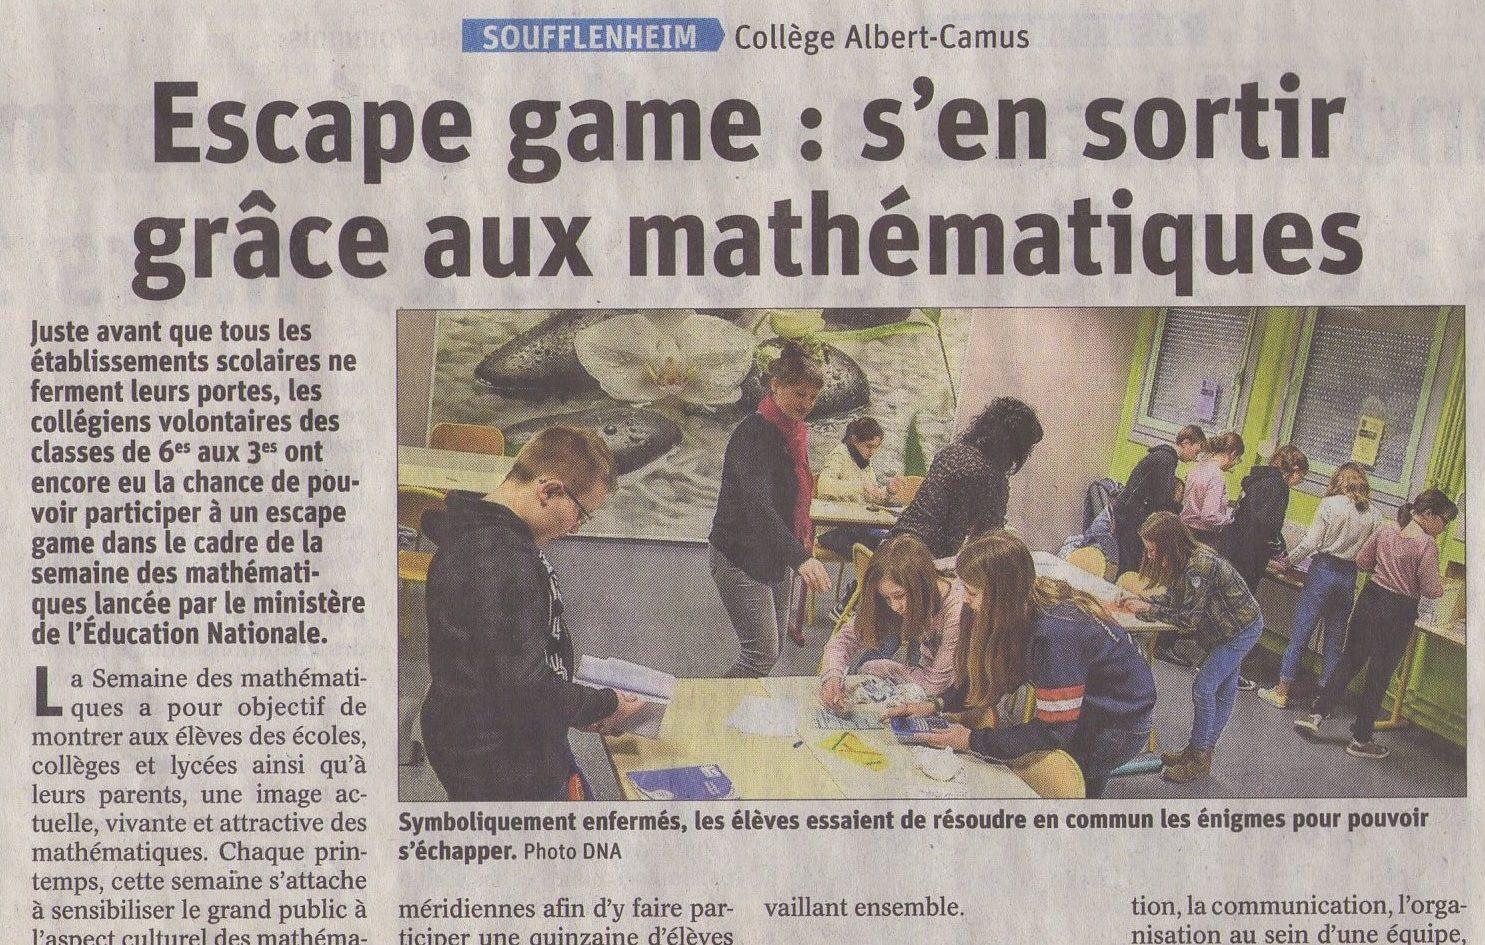 Escape game, s'en sortir grâce aux mathématiques (DNA 20 mars 2020).jpg